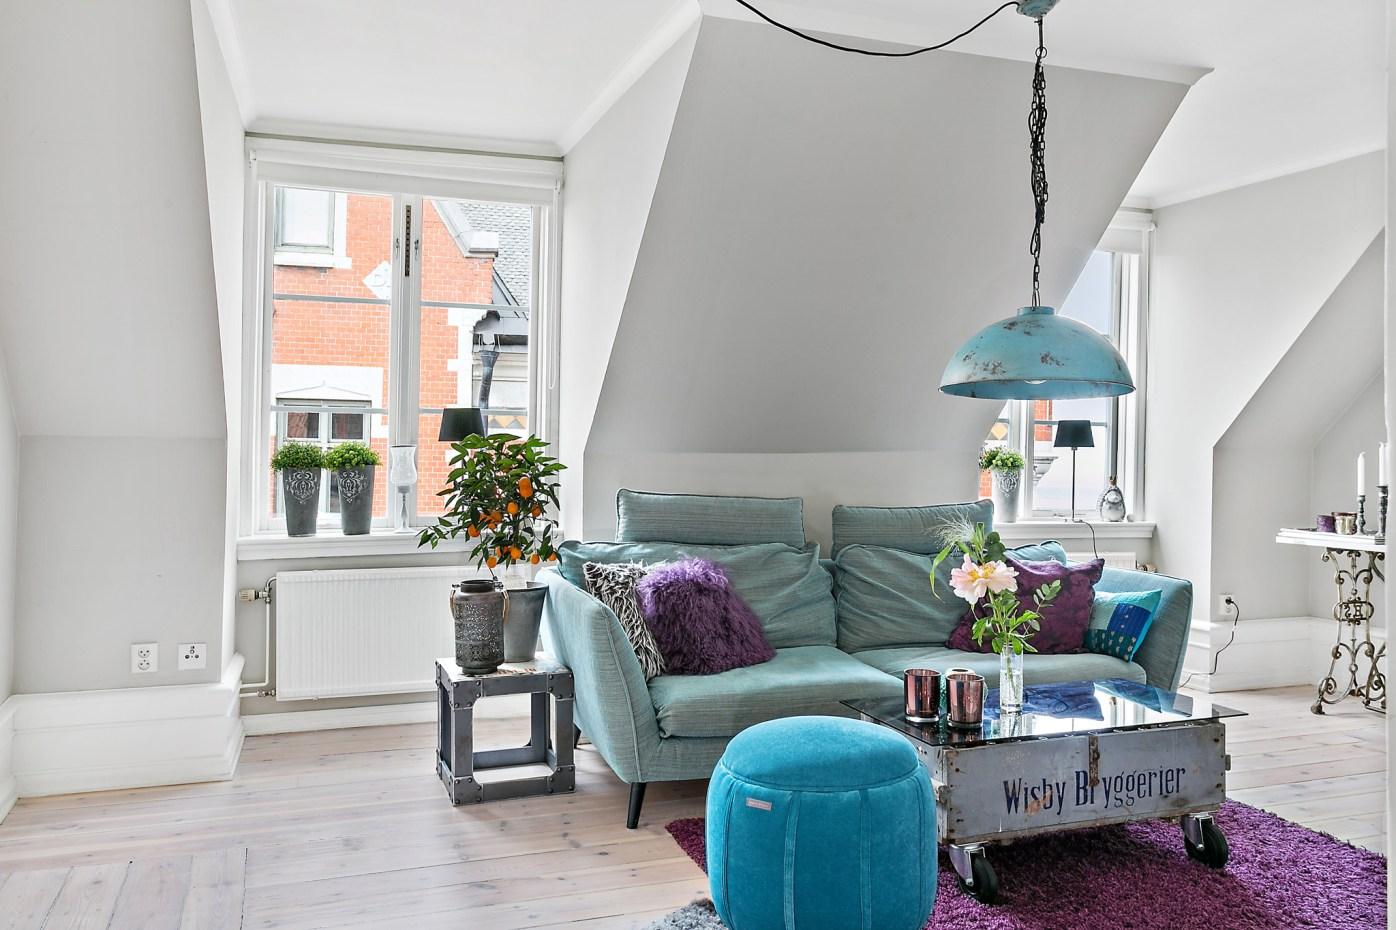 гостиная мансарда окно диван столик лампа пуф